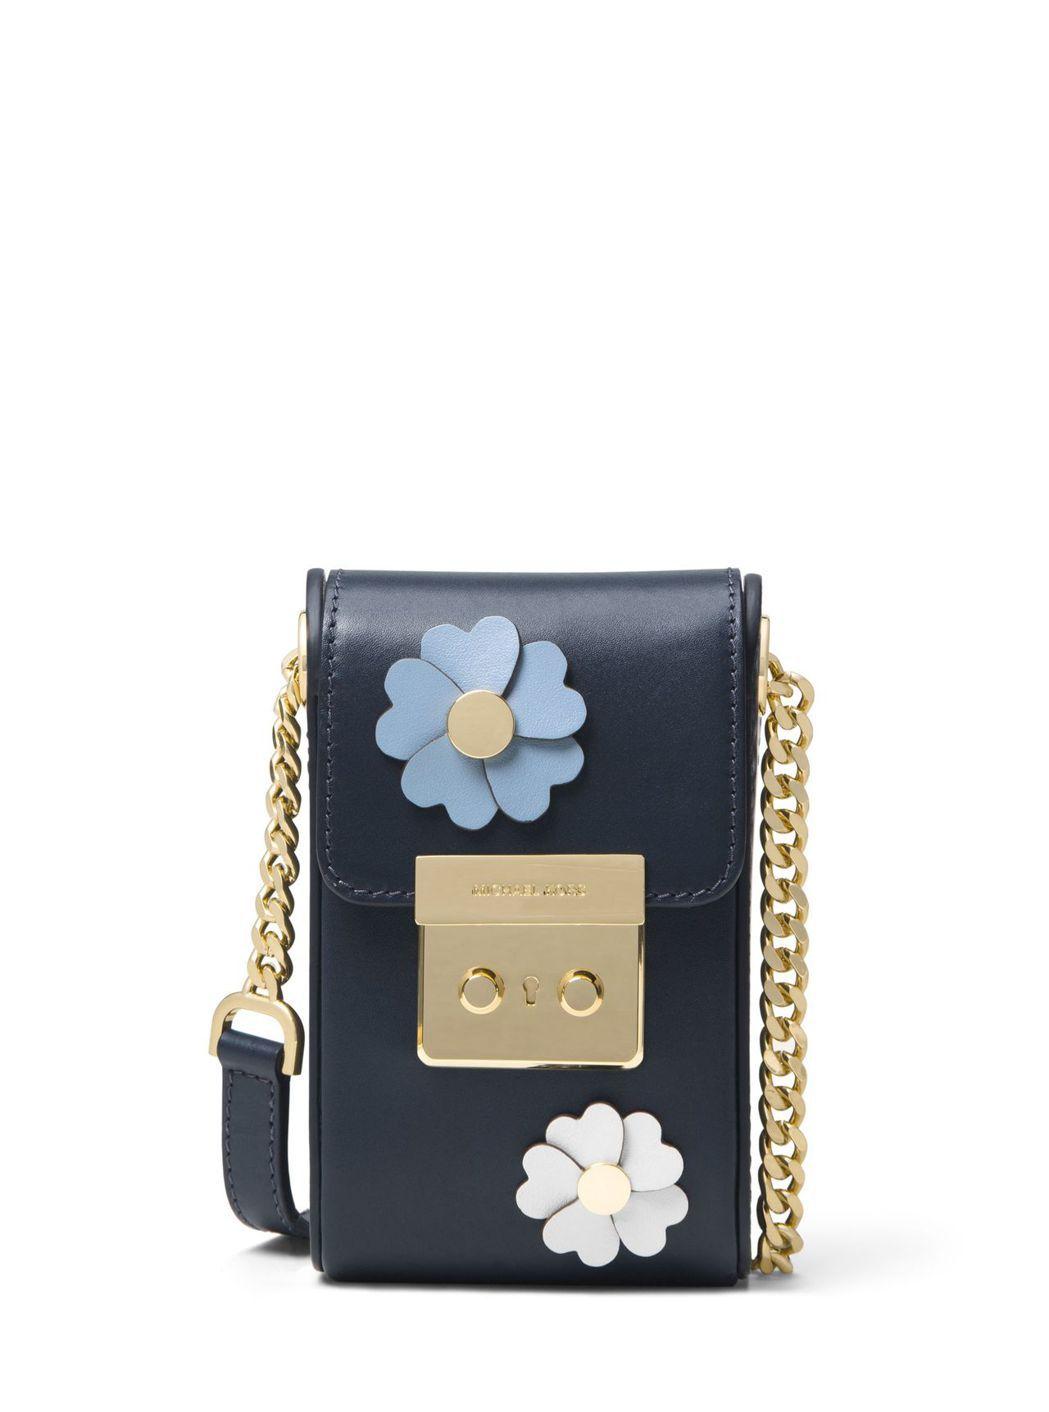 海軍藍立體花飾相機包,售價13,500元。圖/MICHAEL KORS提供